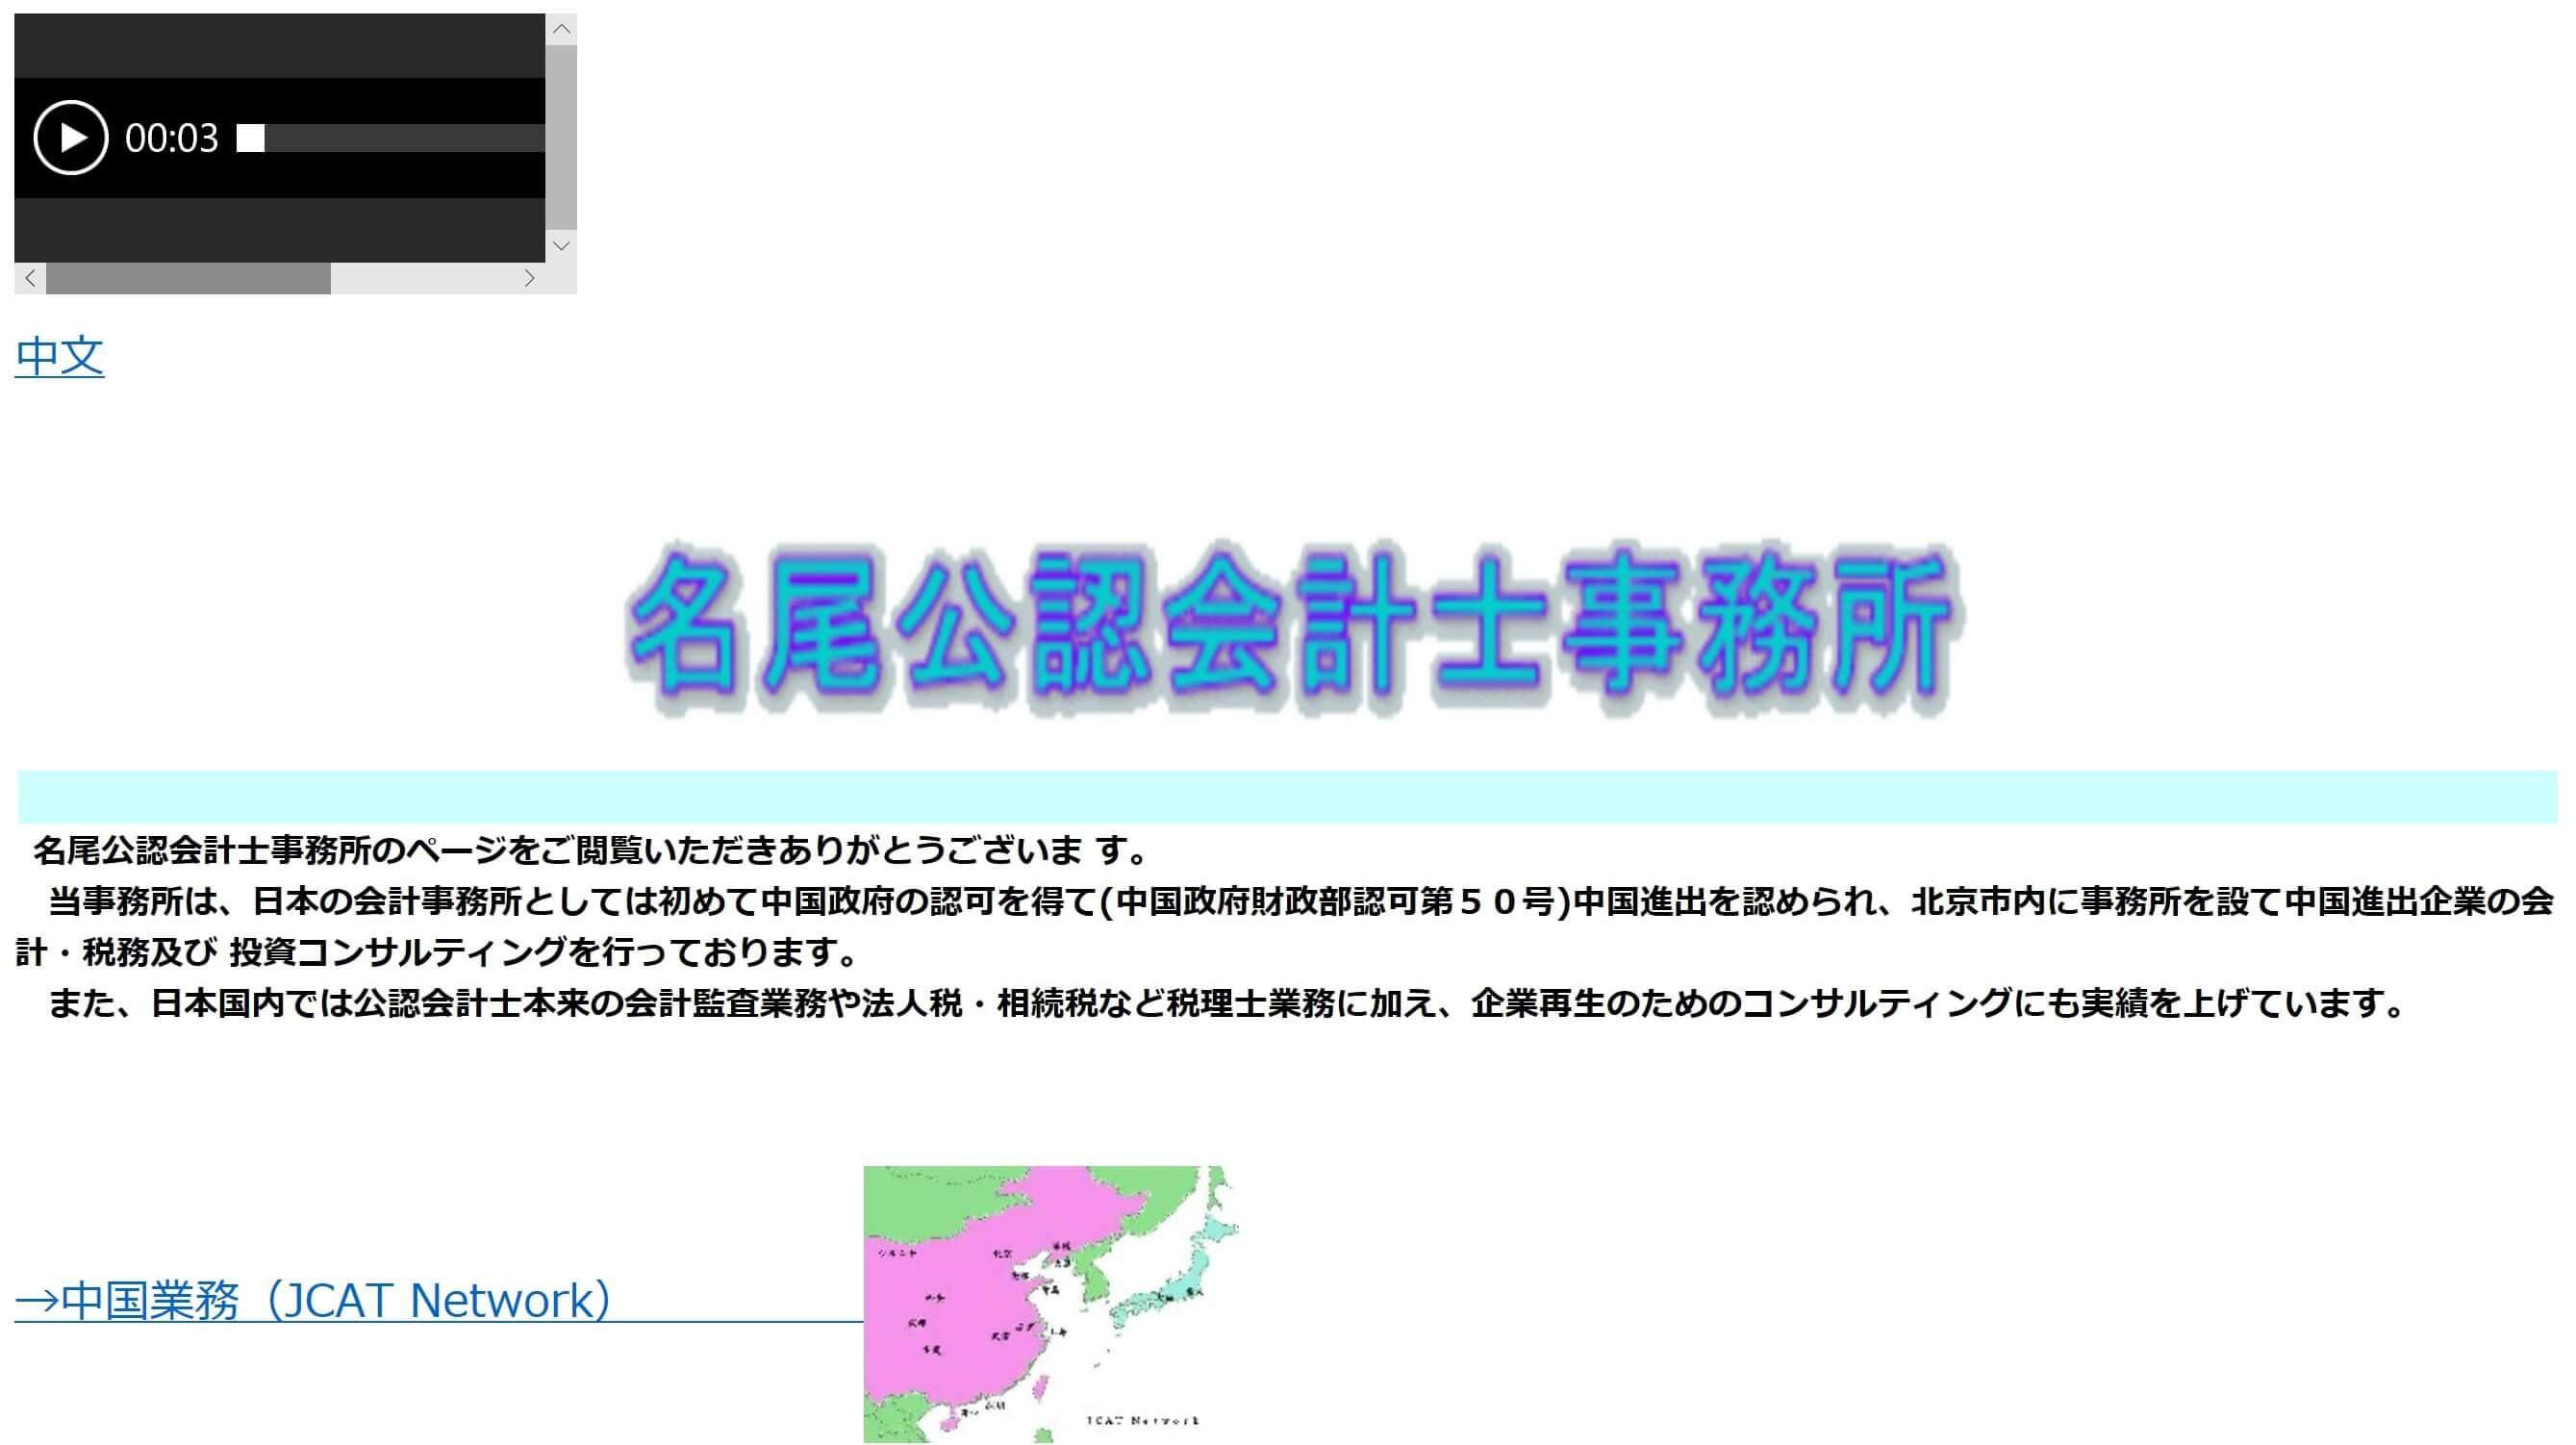 名尾公認会計士事務所